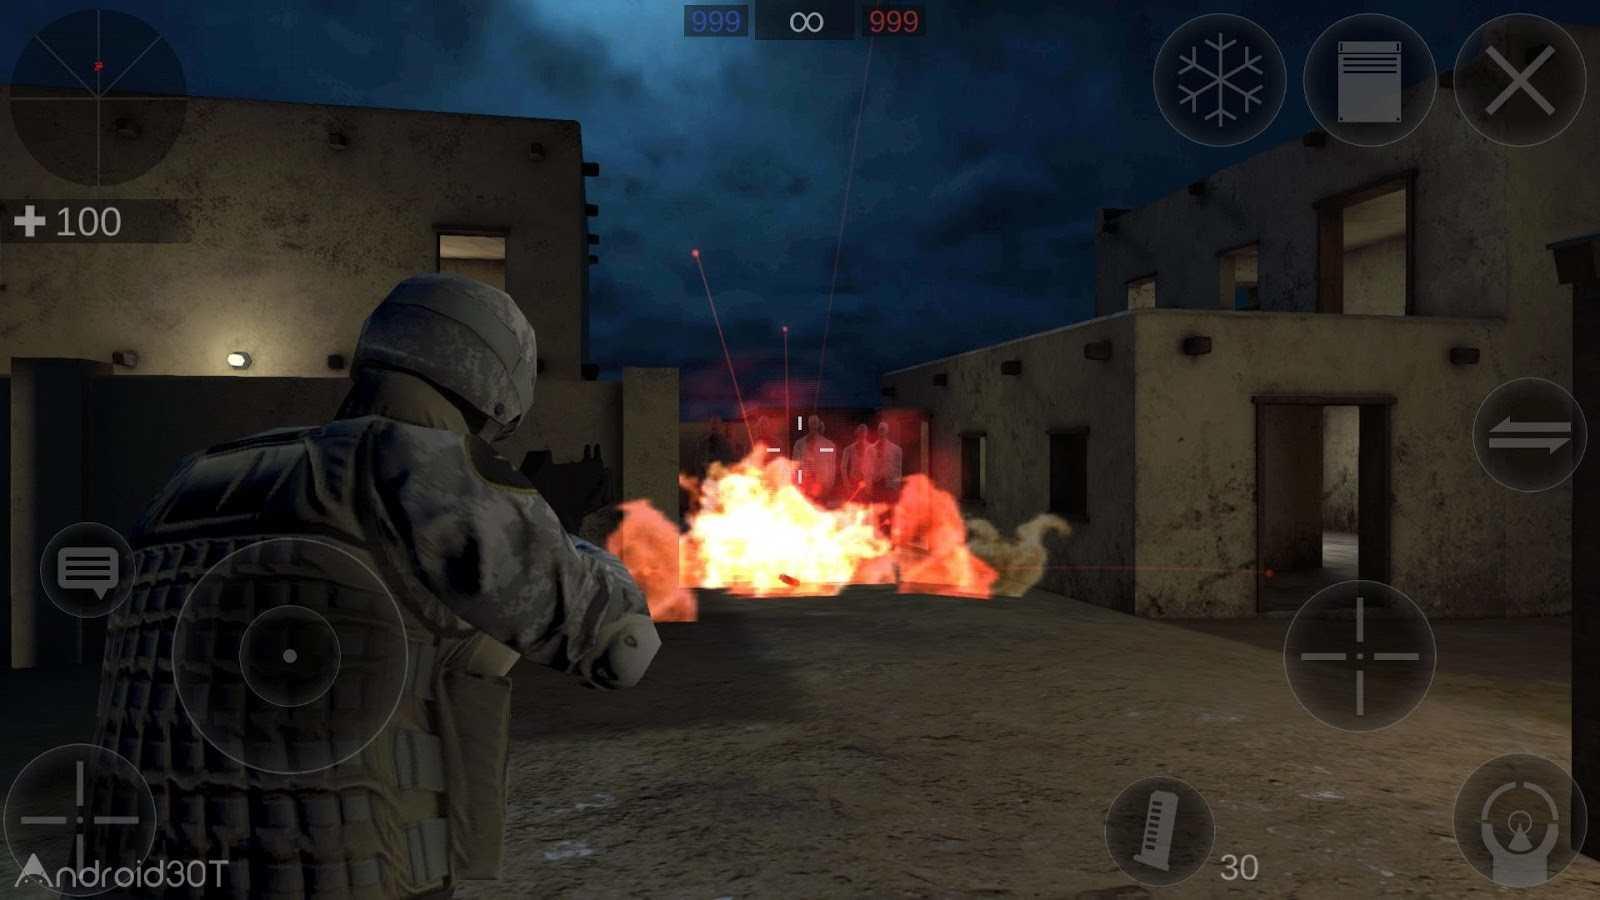 دانلود Zombie Combat Simulator 1.3.4– بازی اکشن نبرد با زامبی ها اندروید